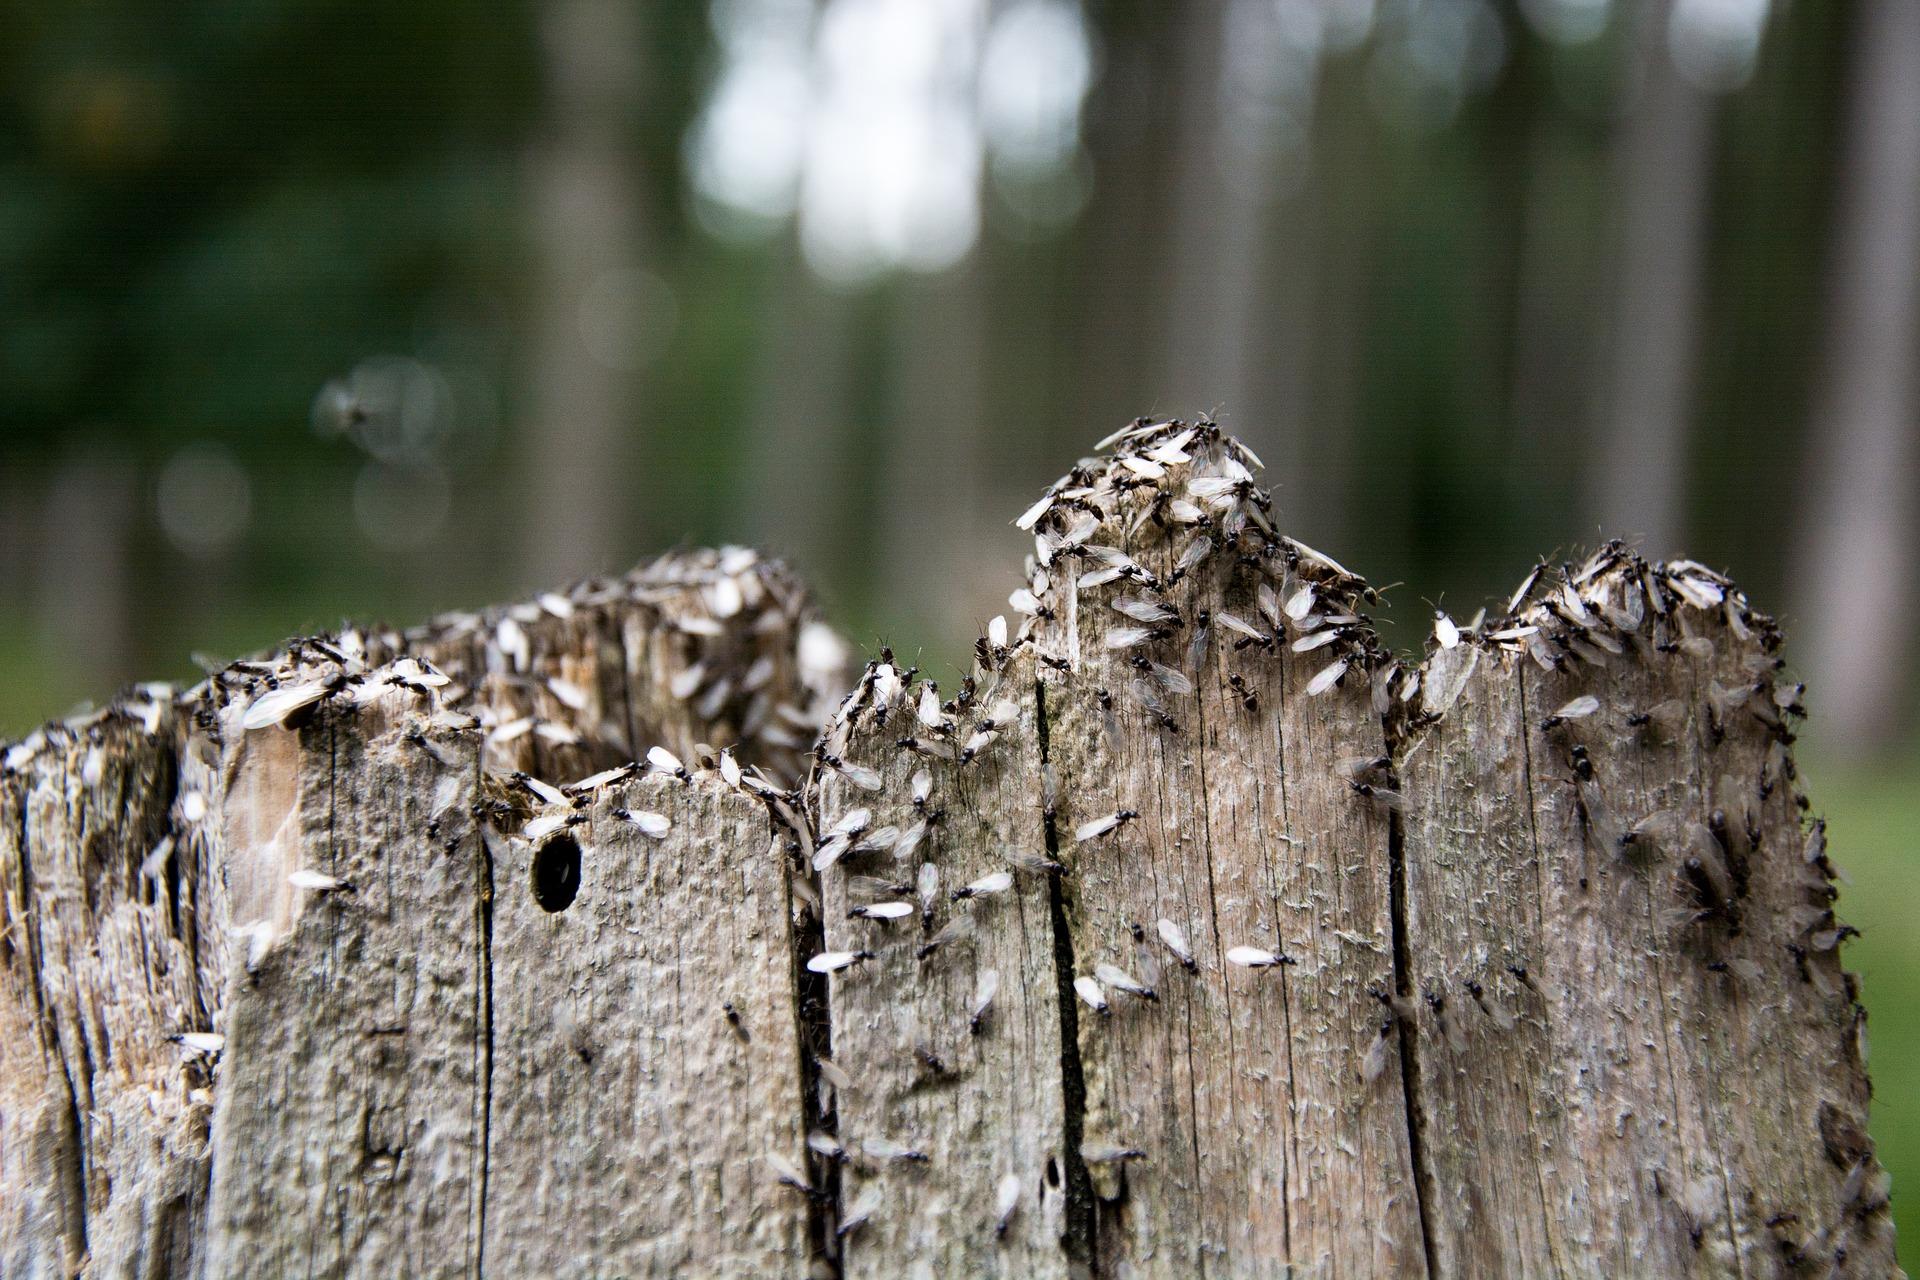 Kde a jak získat mravence? (Odchyt královny)